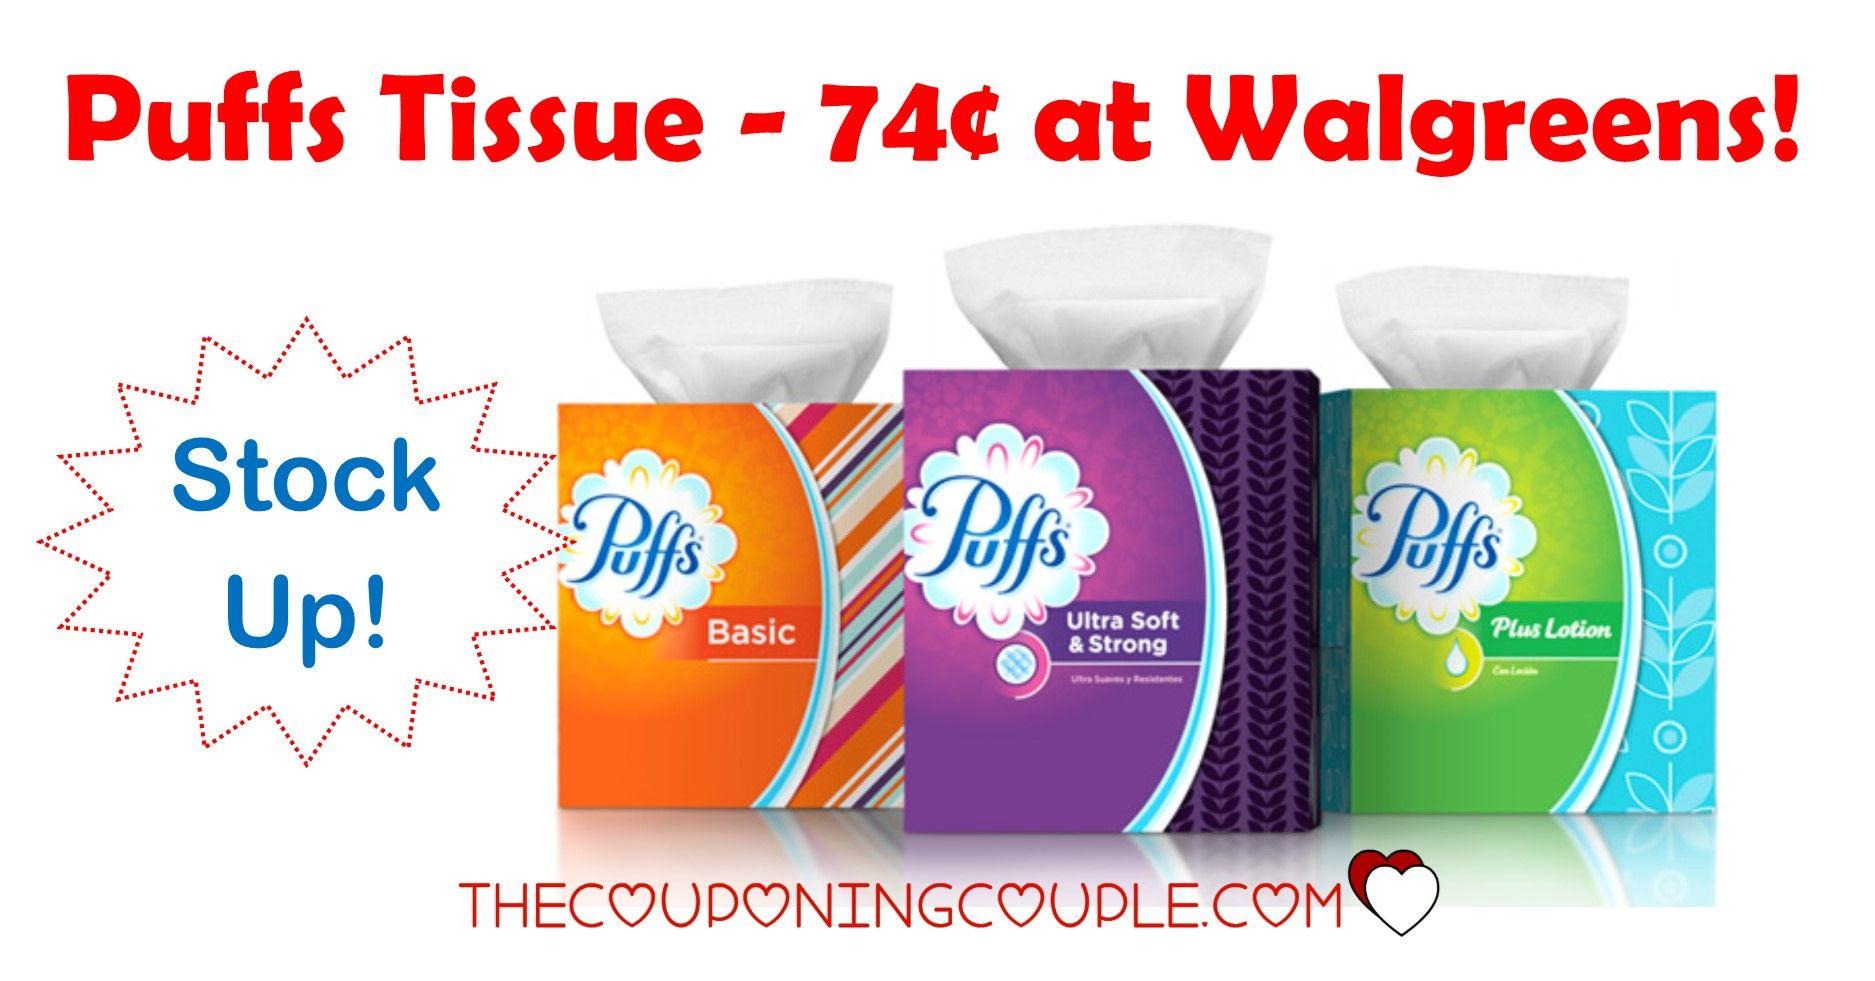 Puffs Facial Tissues Walgreens for 0.99 thru 5/16